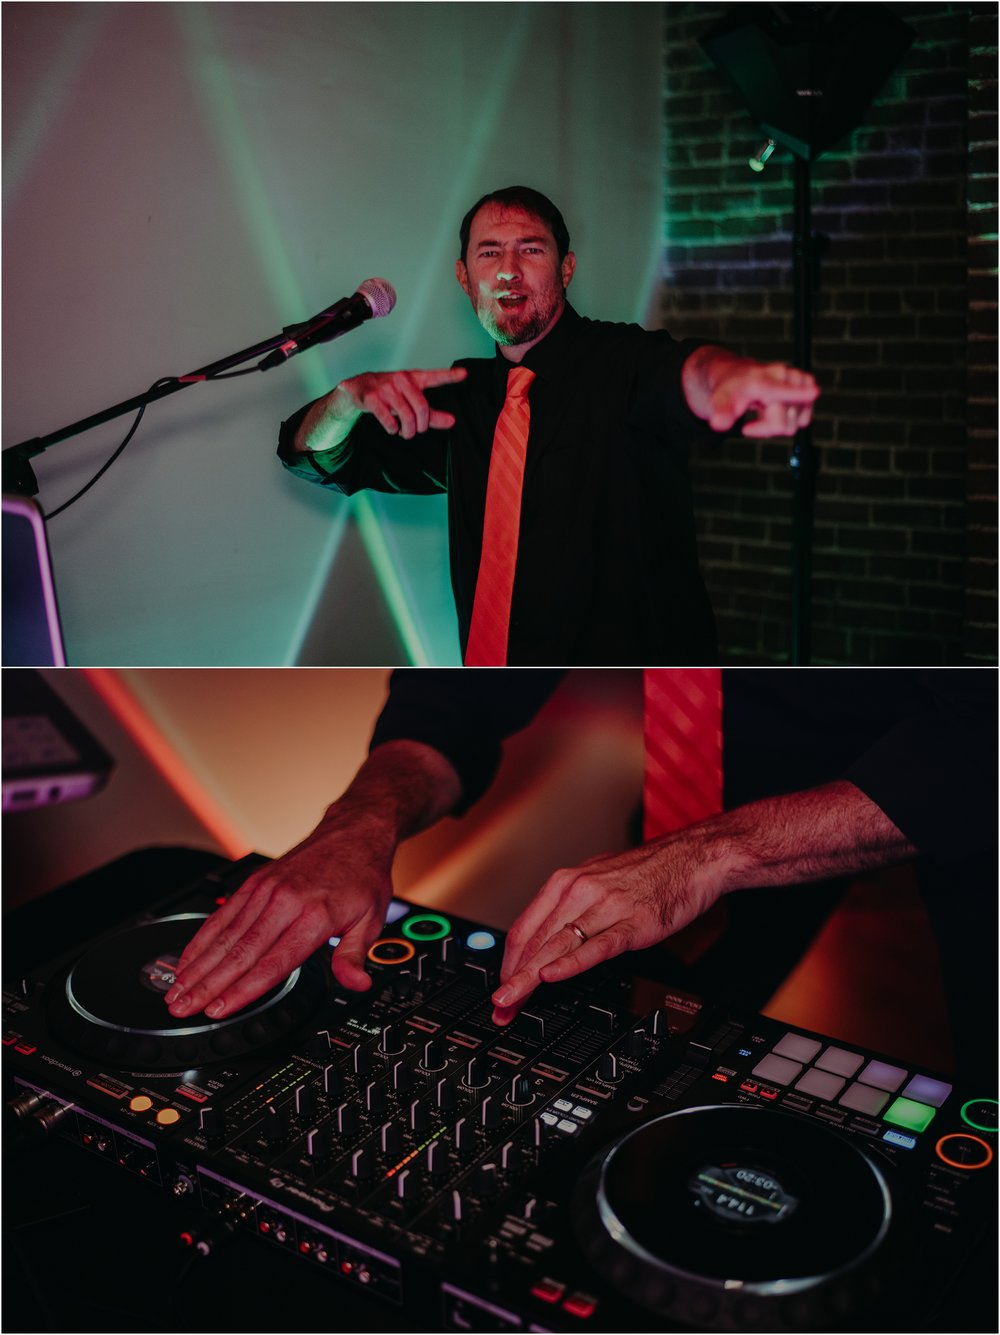 DJT3 Tanner Coats serving up sick beats!